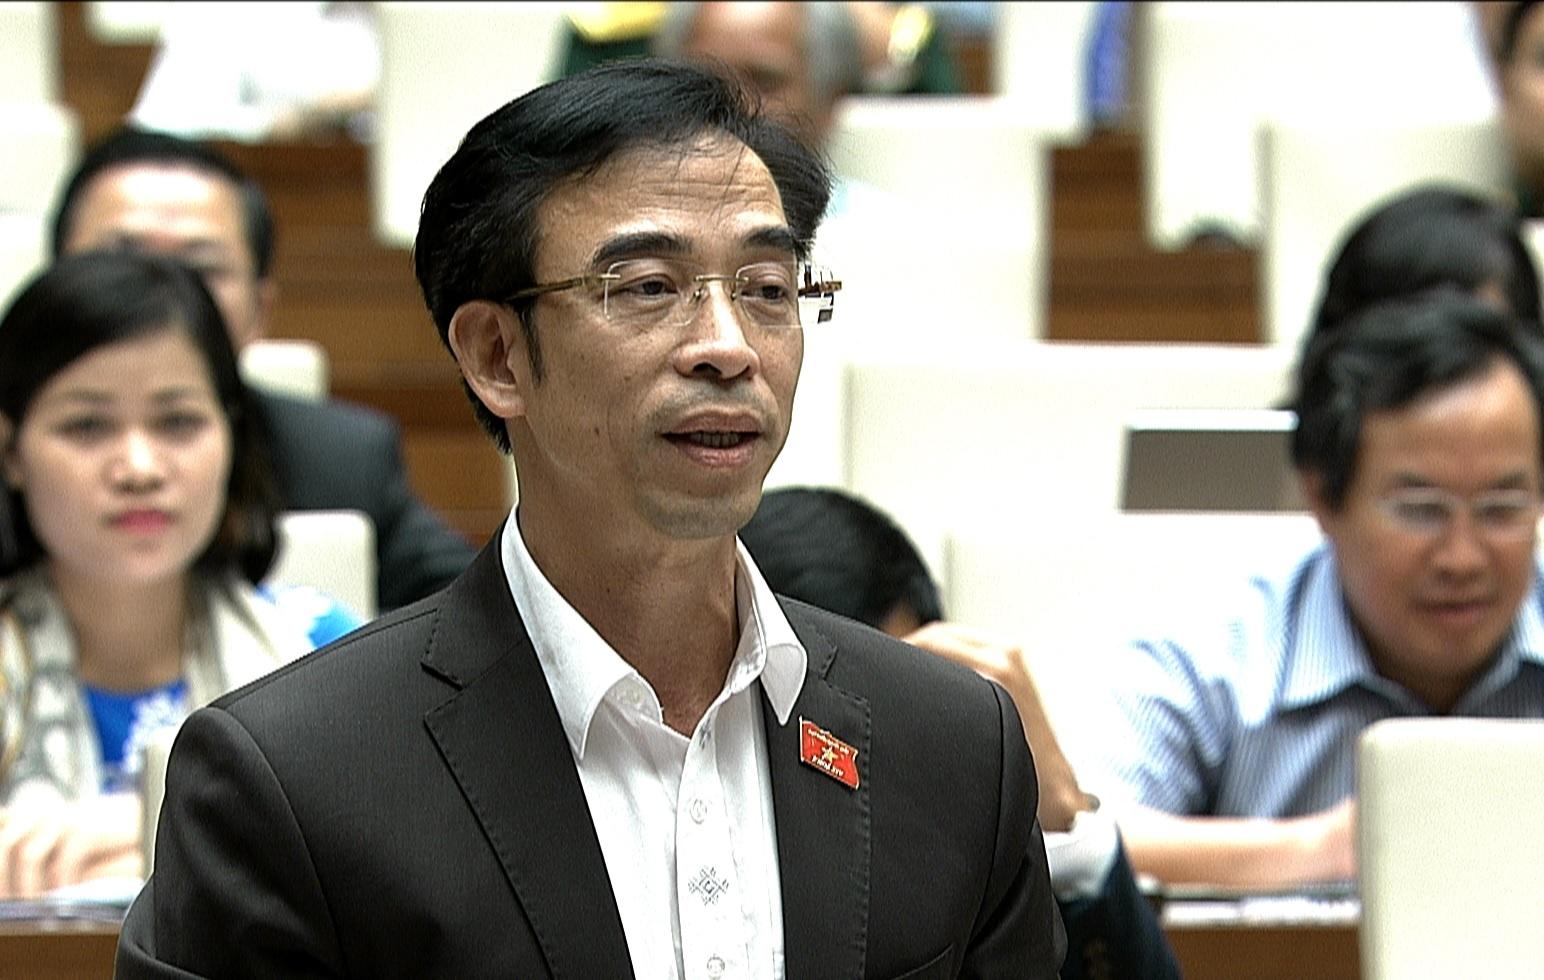 Bo truong Tai chinh dang tra loi chat van Quoc hoi anh 5